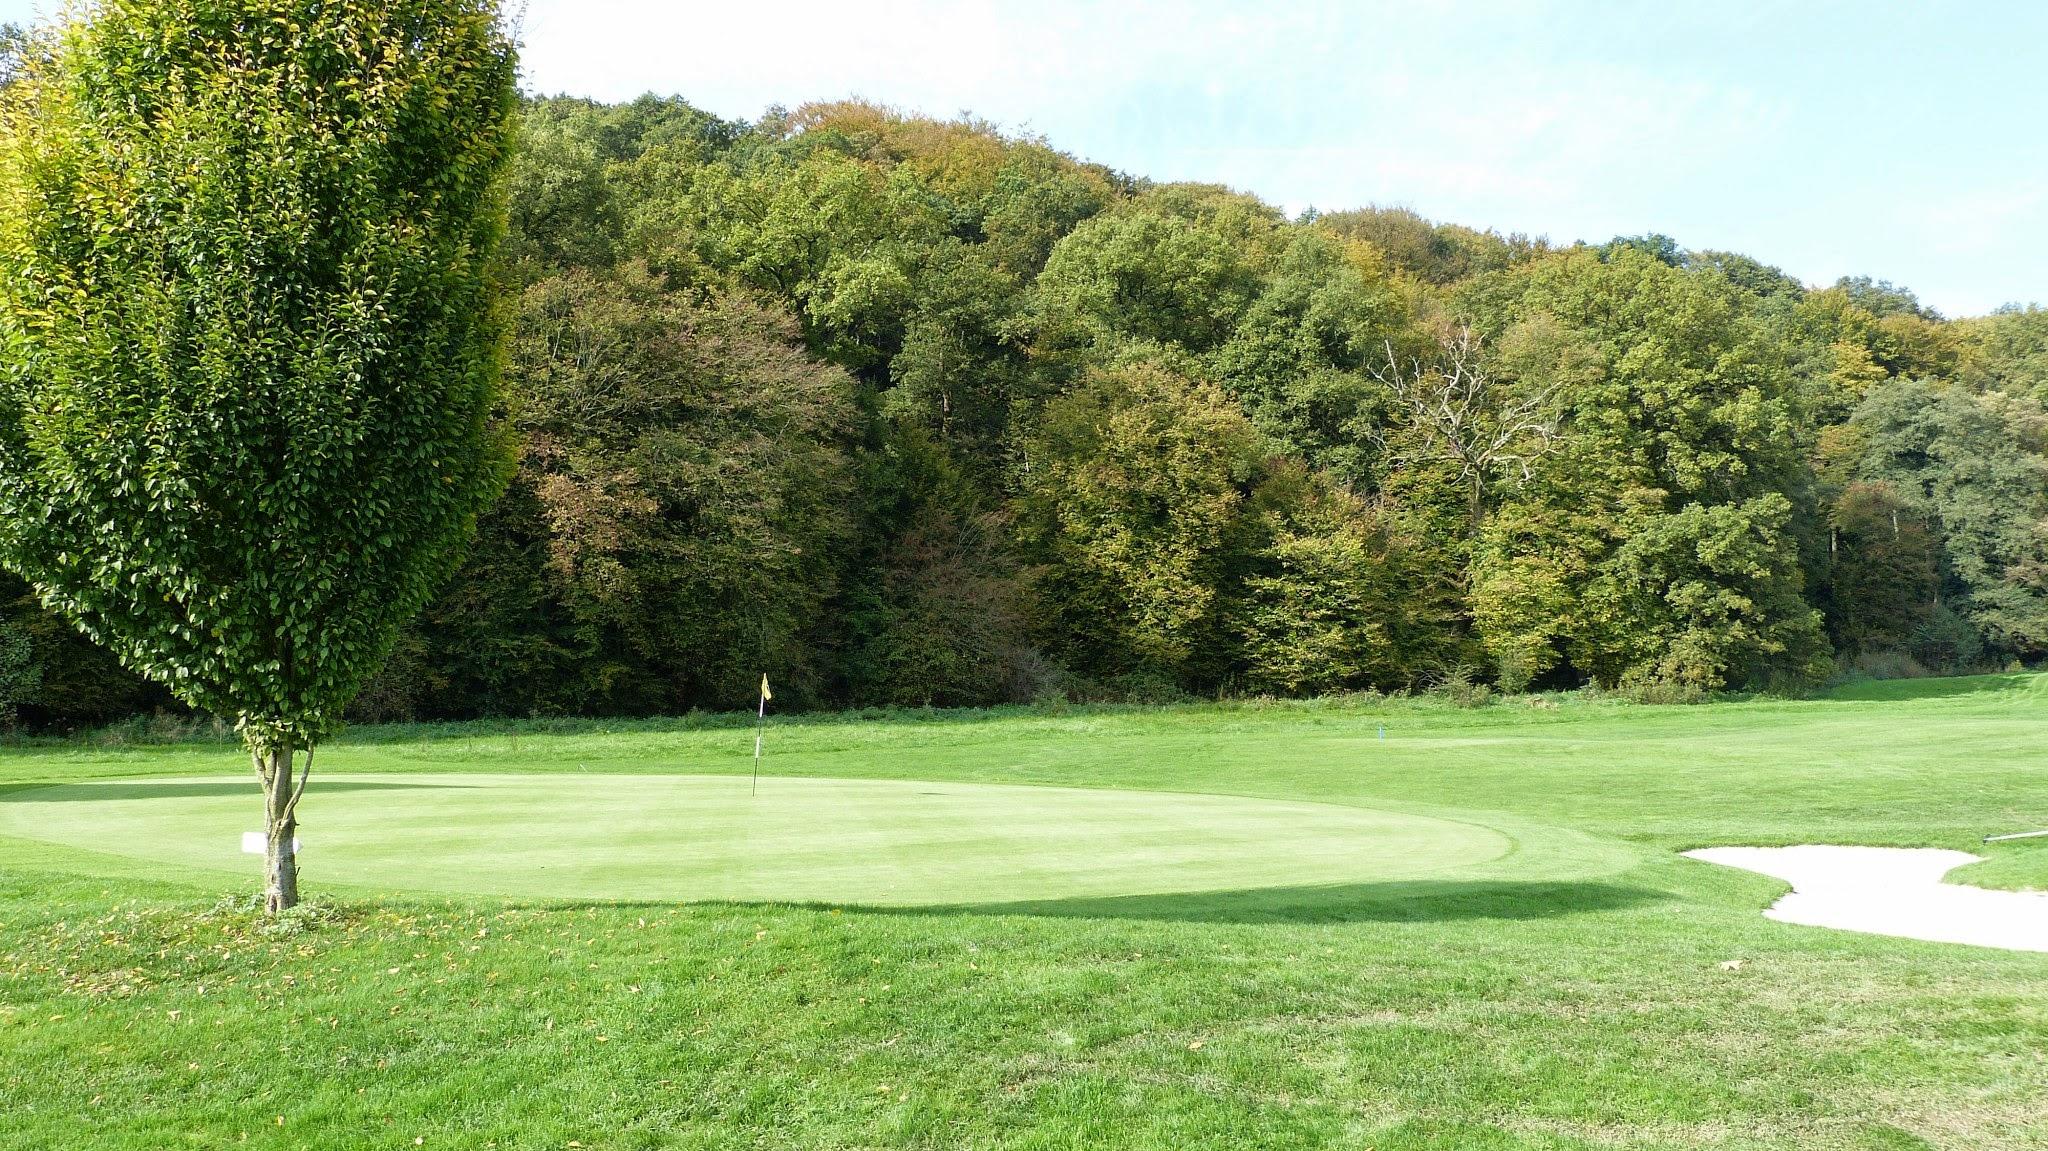 Golfplatz - Grün14